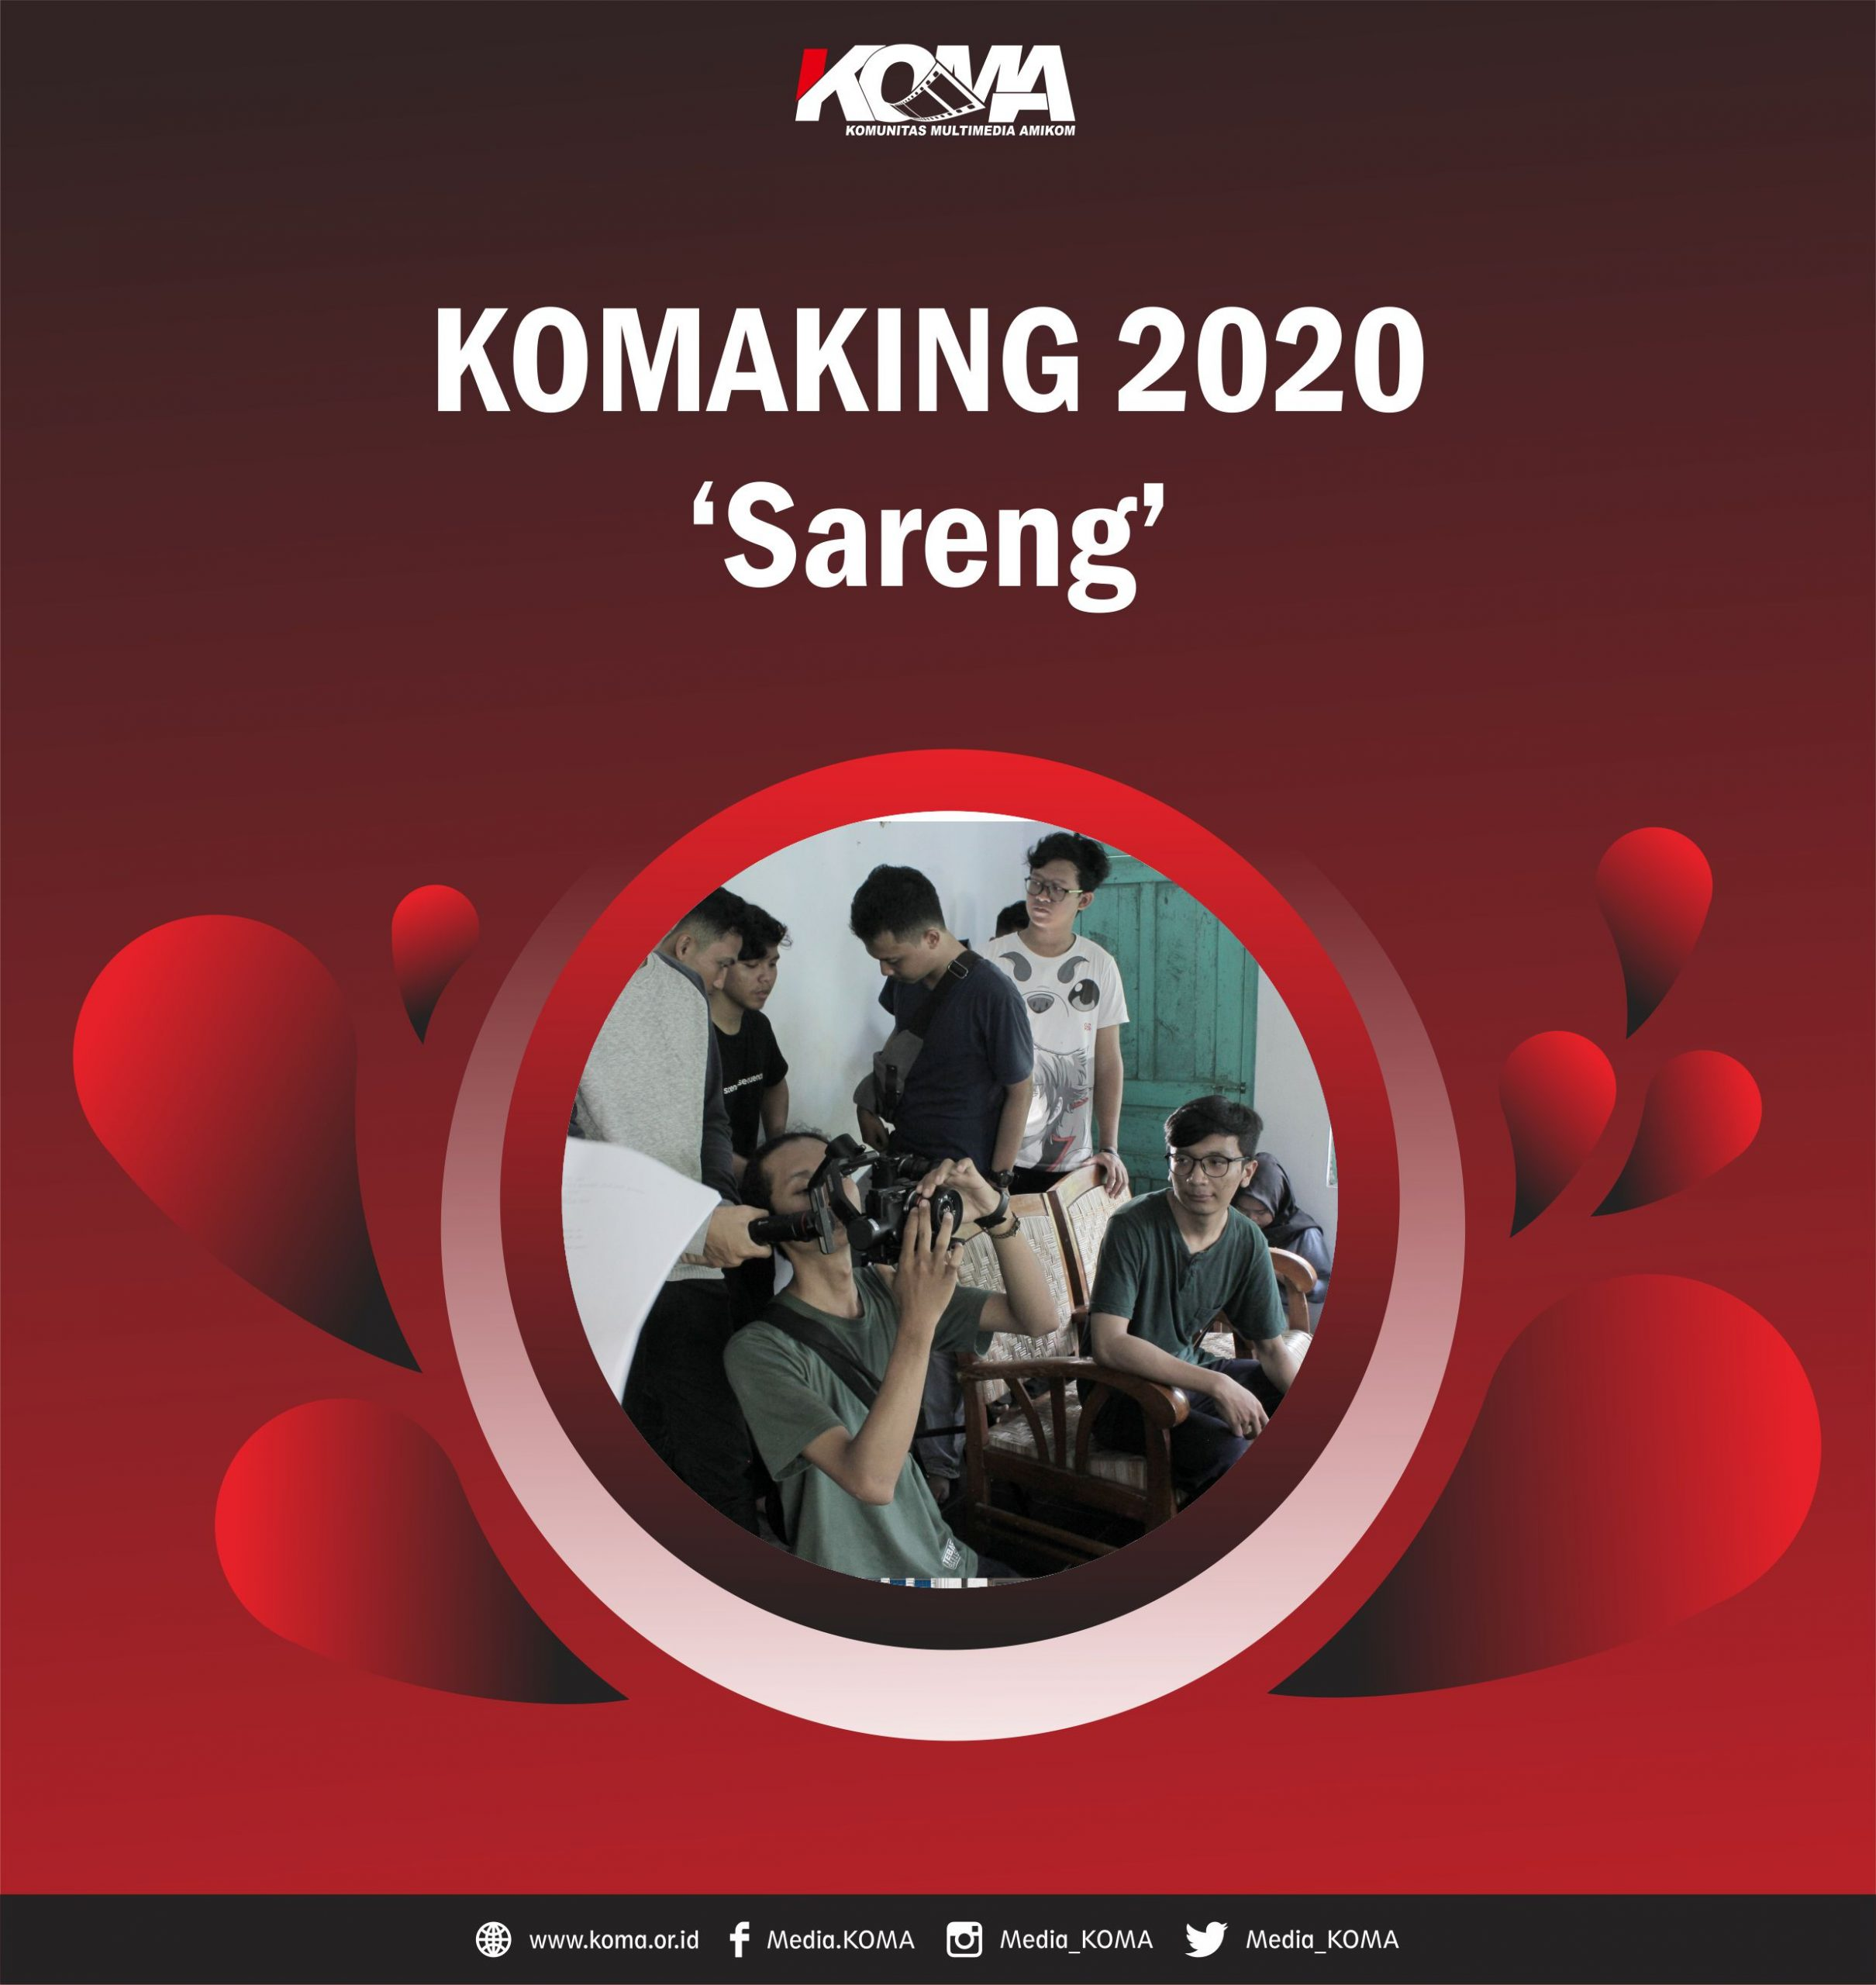 Komaking-2020-Sareng